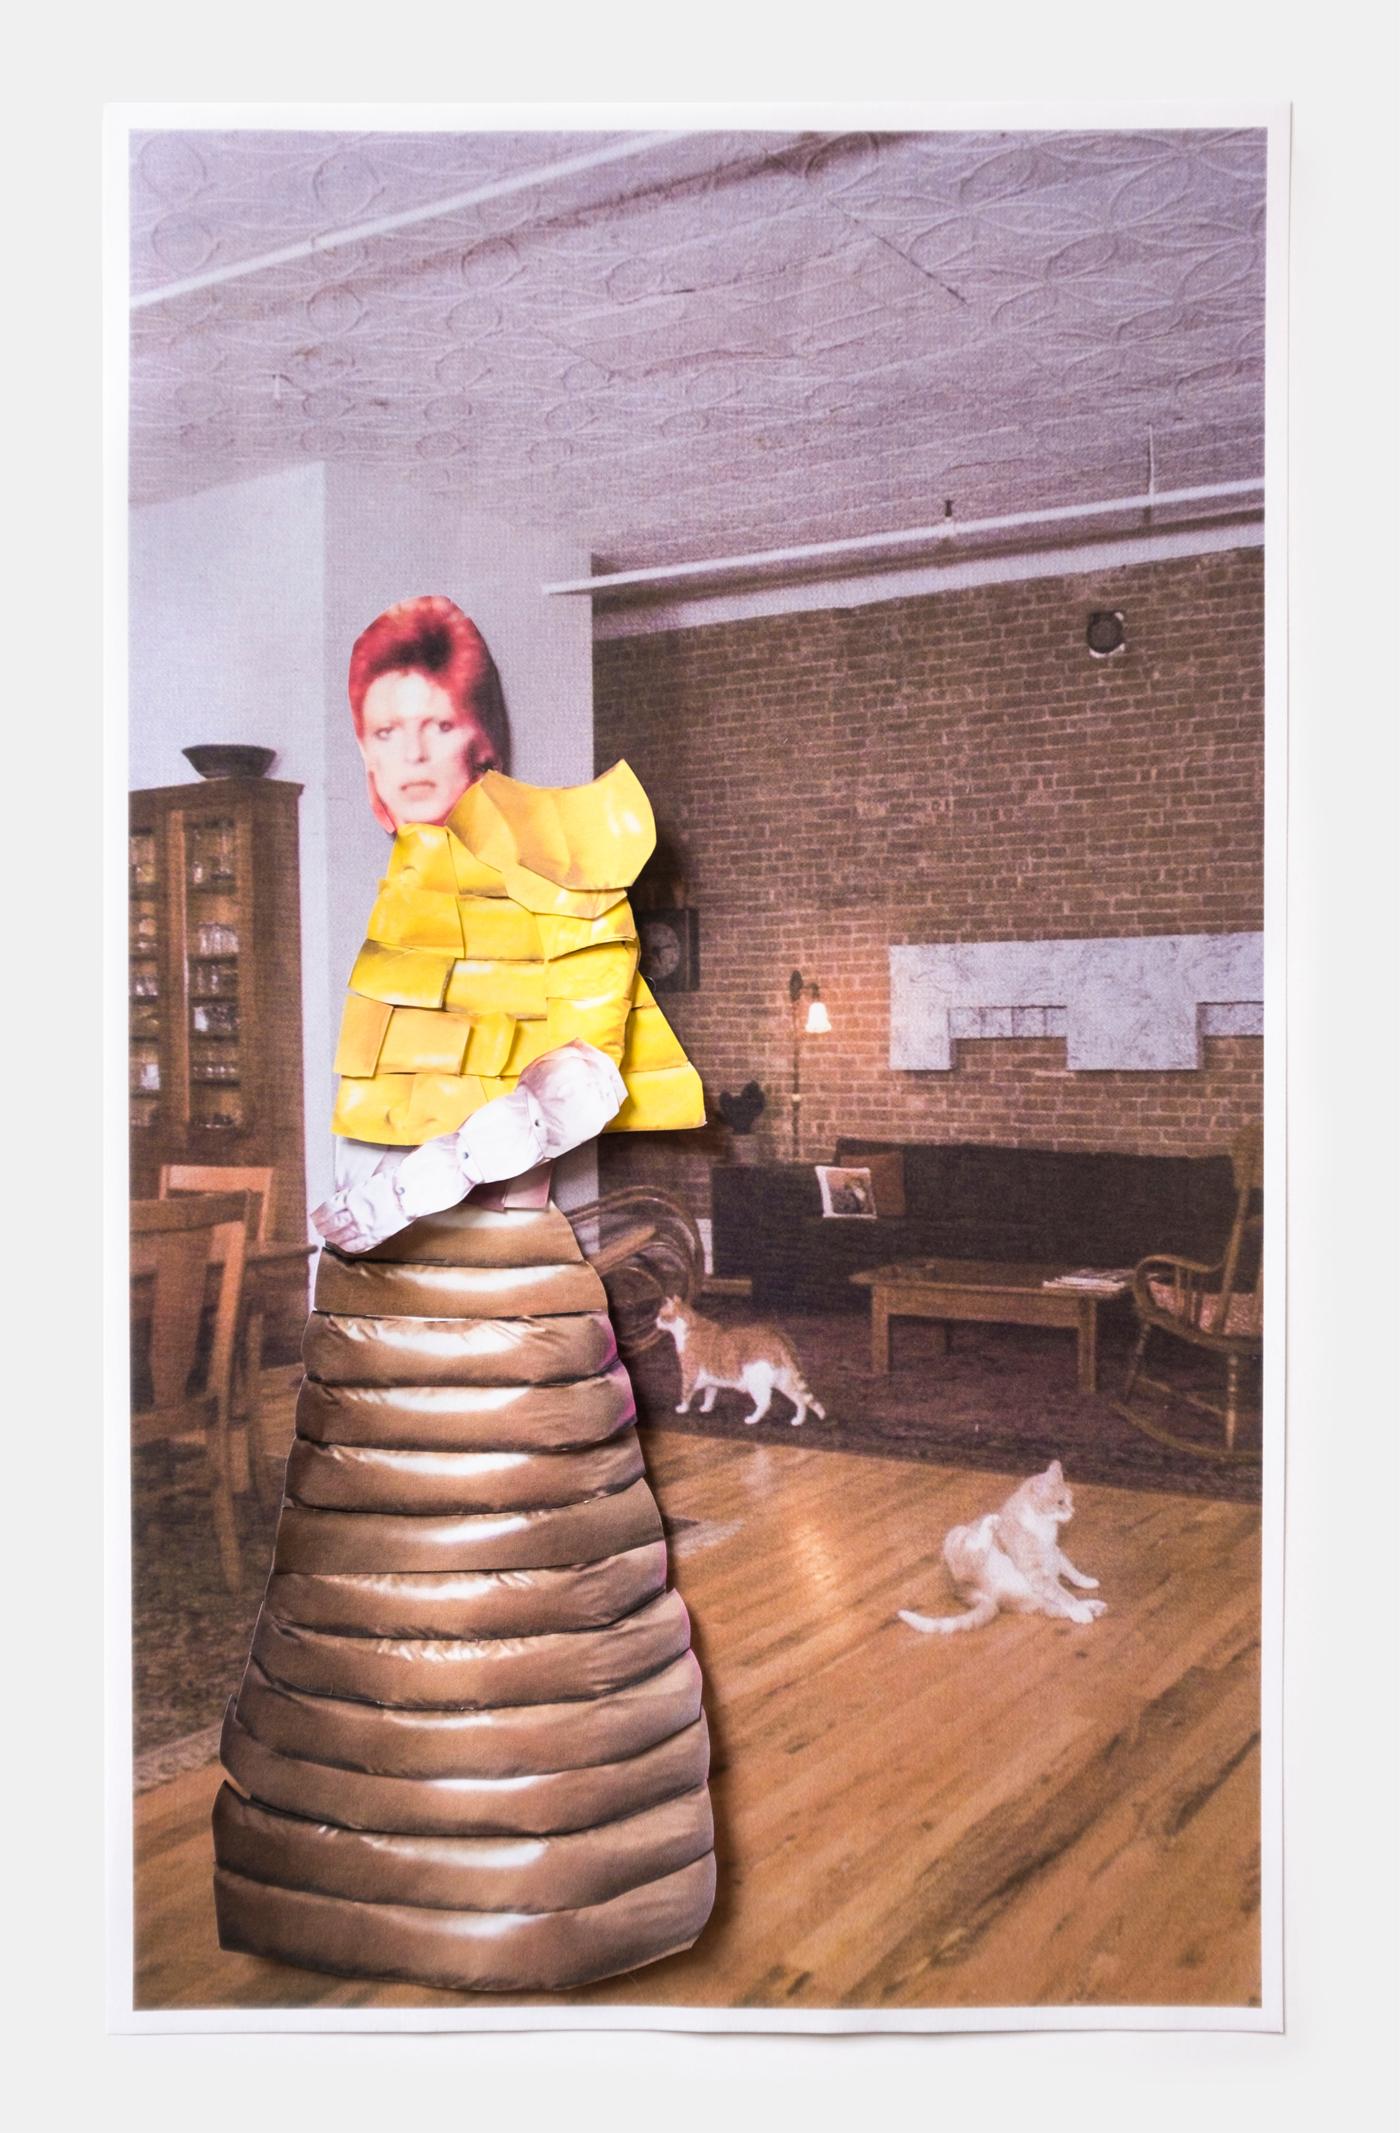 David Bowie in Moncler 1 Pierpaolo Piccioli